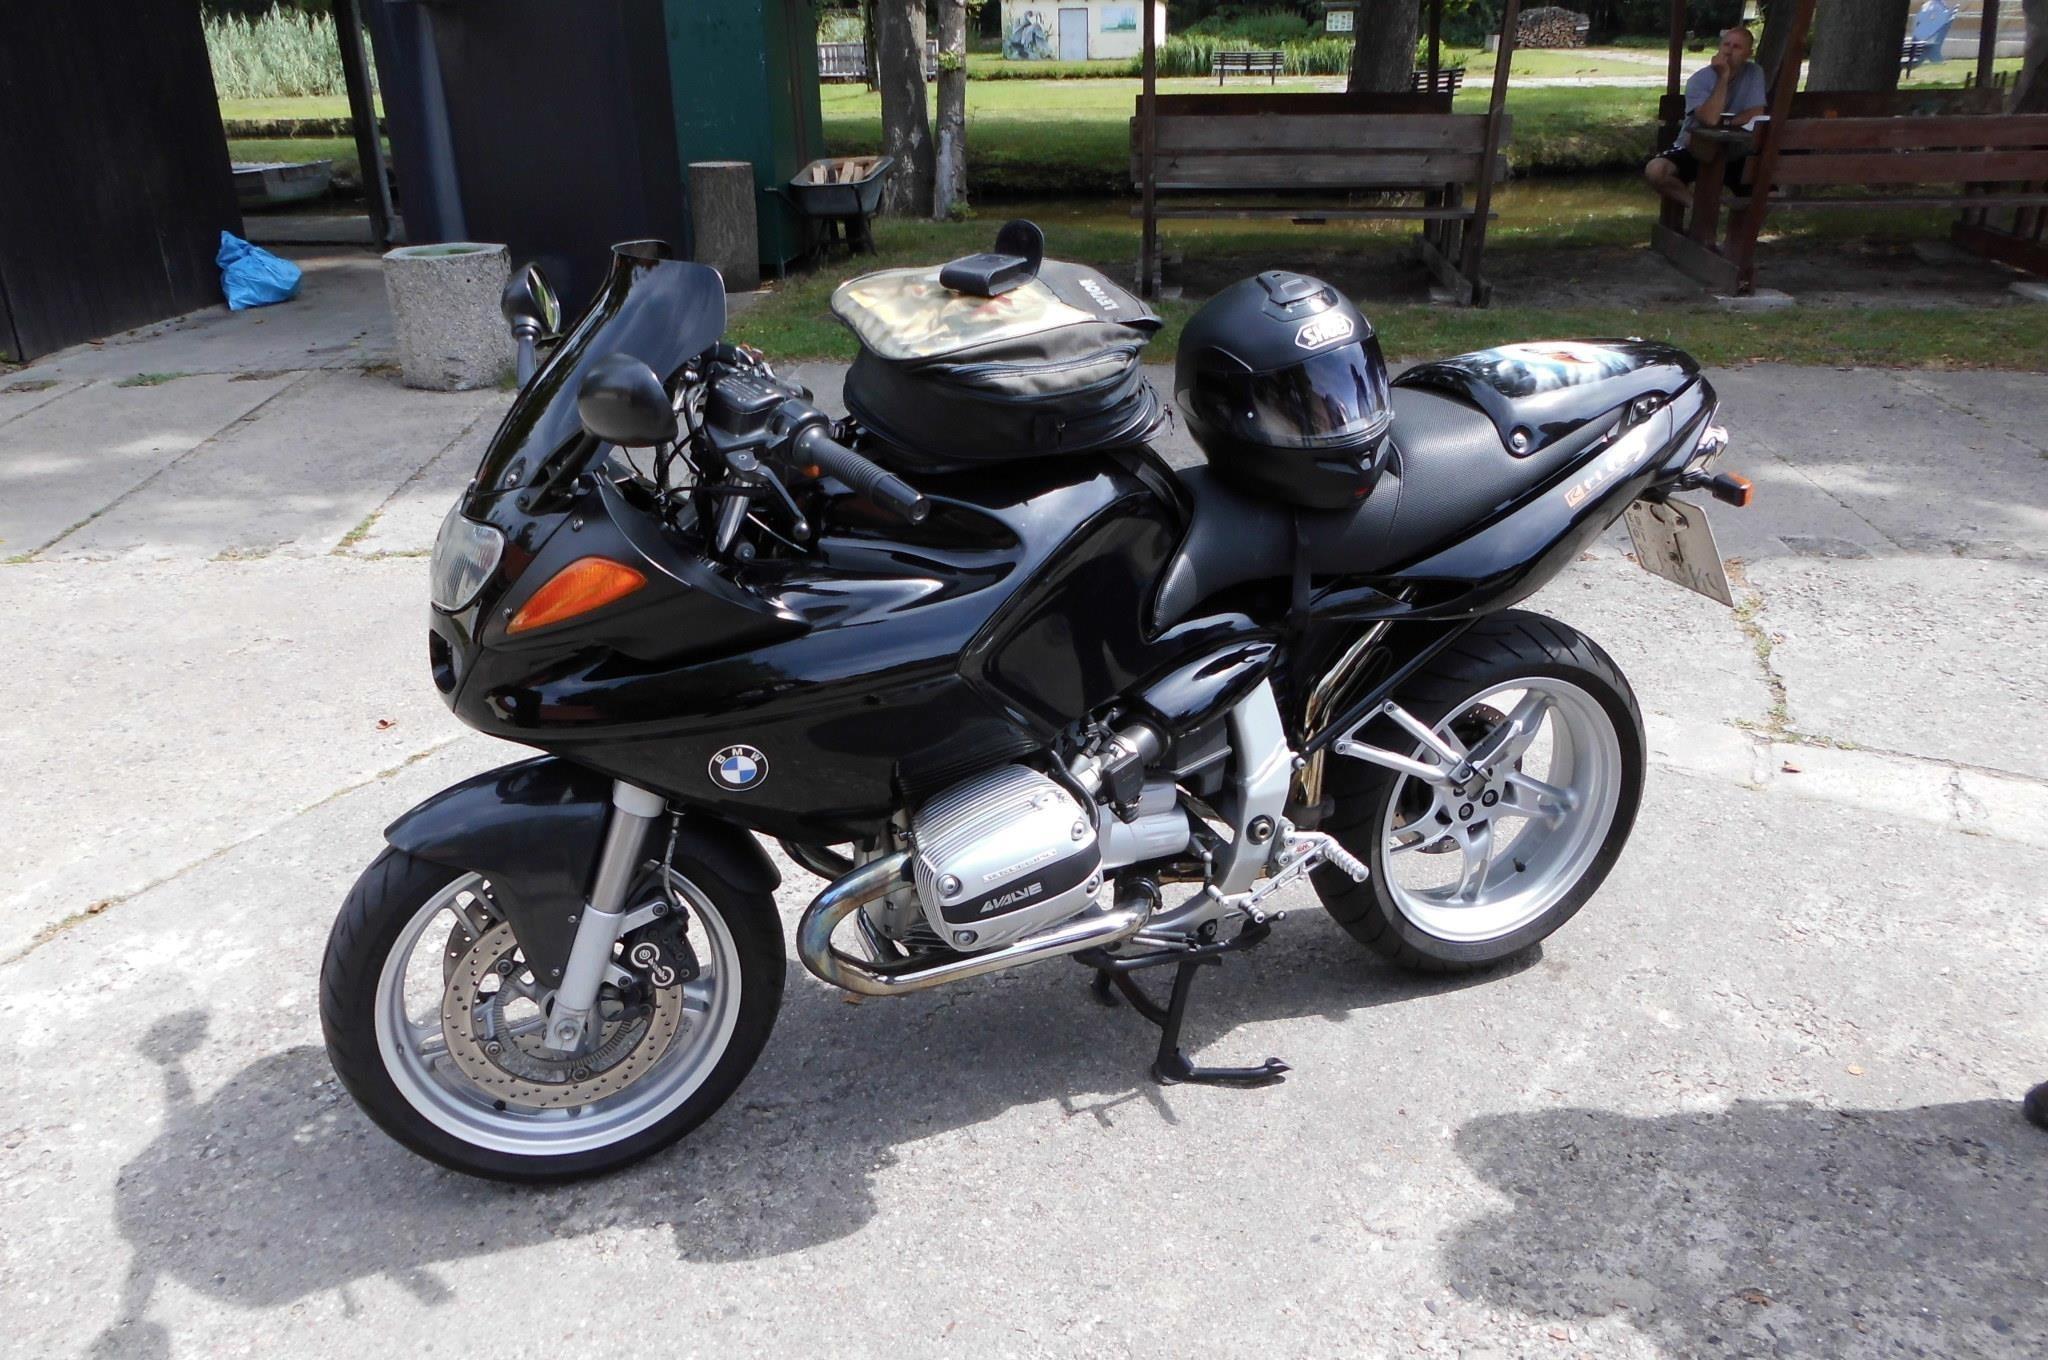 Umgebautes Motorrad Bmw R 1100 S Von Honda Peter 1000ps De